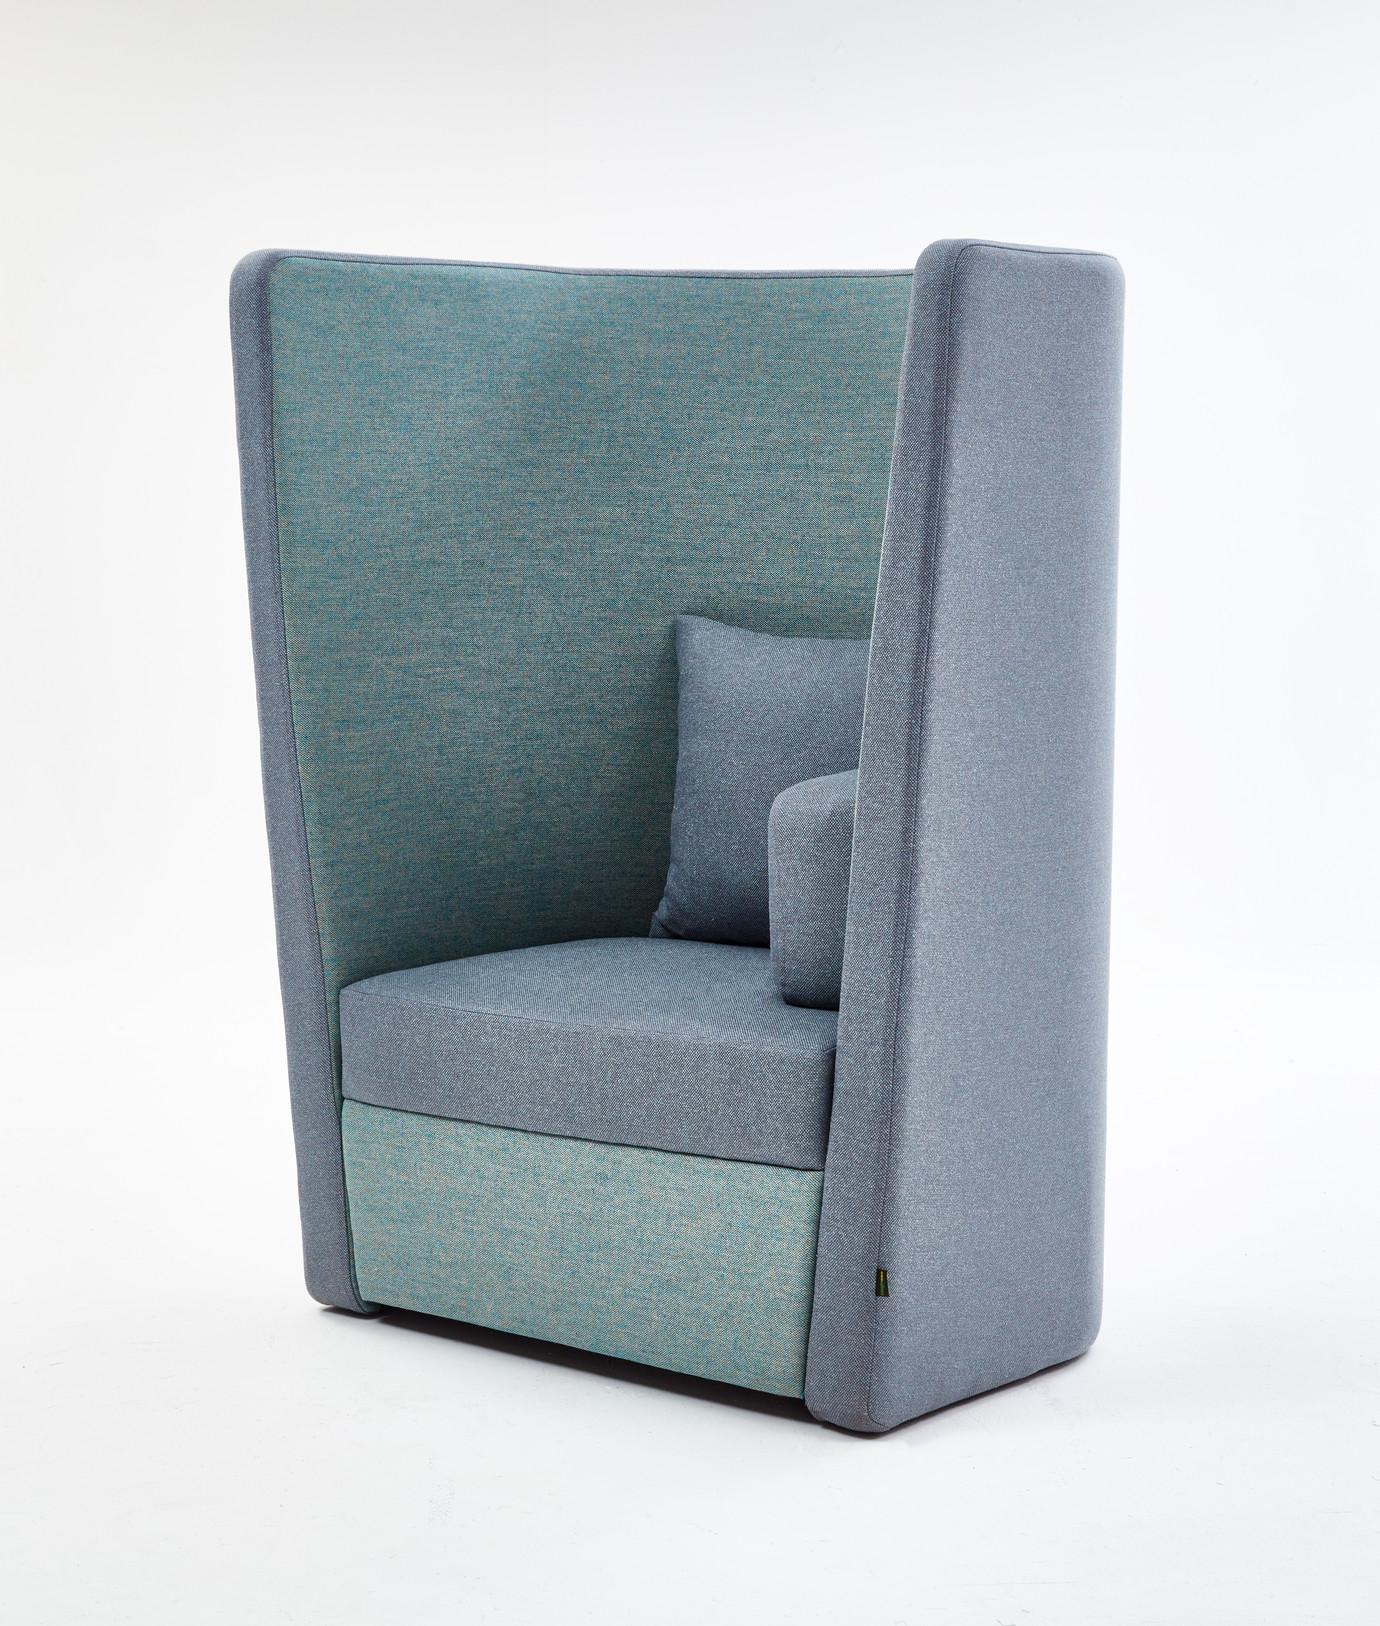 10-7-Silla-Lounge-Busby-Privacidad-1380